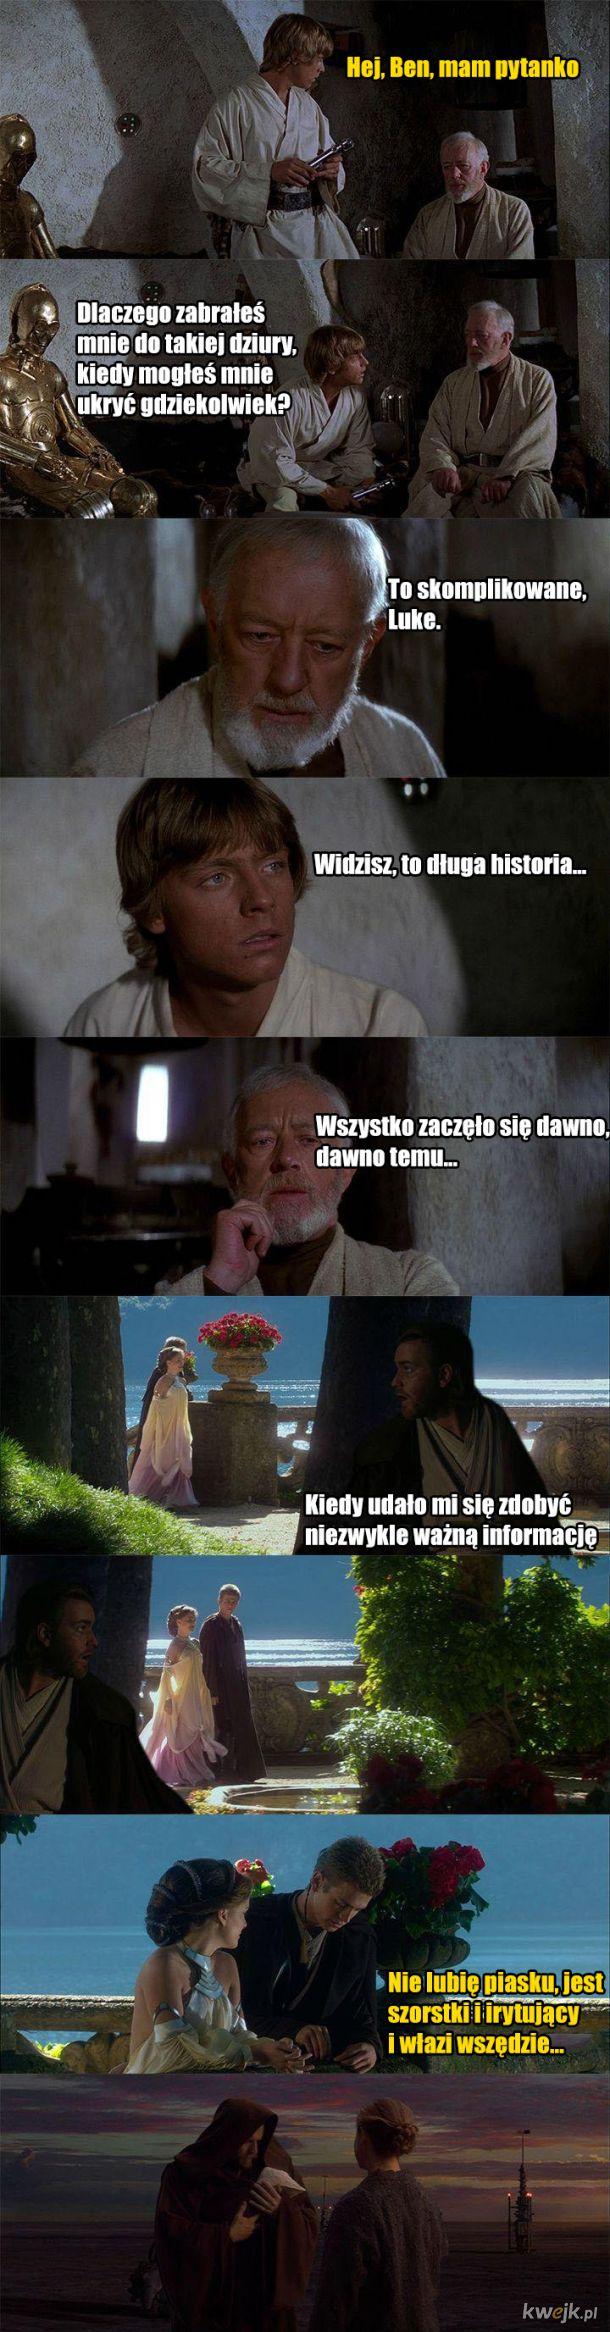 Potężna dawka memów z Gwiezdnych Wojen z okazji Dnia Gwiezdnych Wojen, obrazek 20